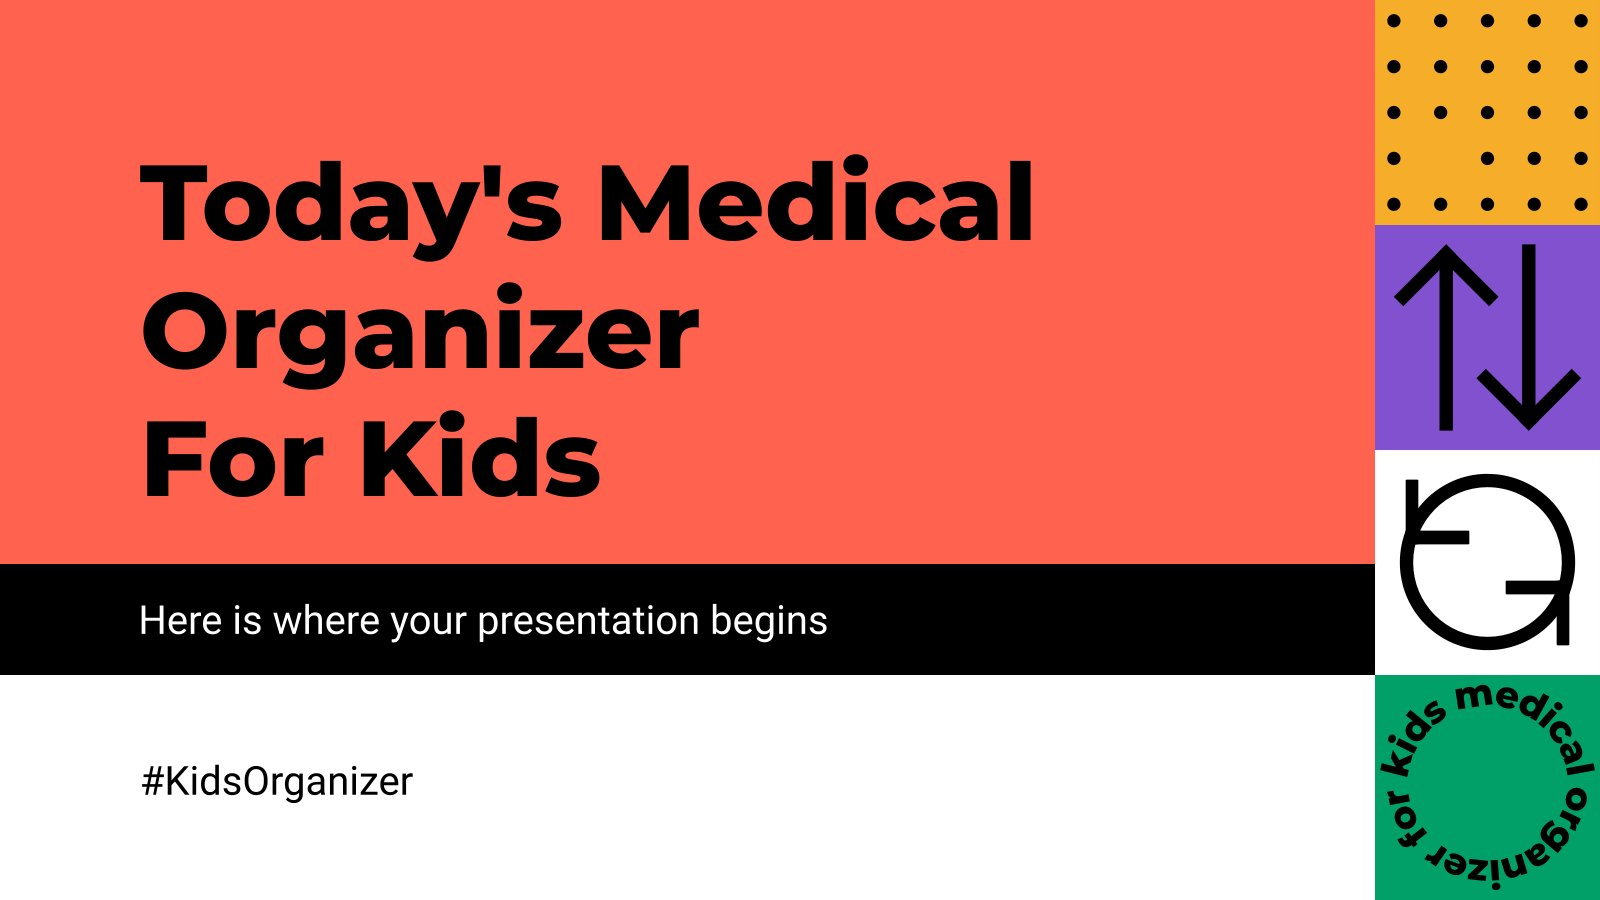 Modelo de apresentação Organizador médico para crianças